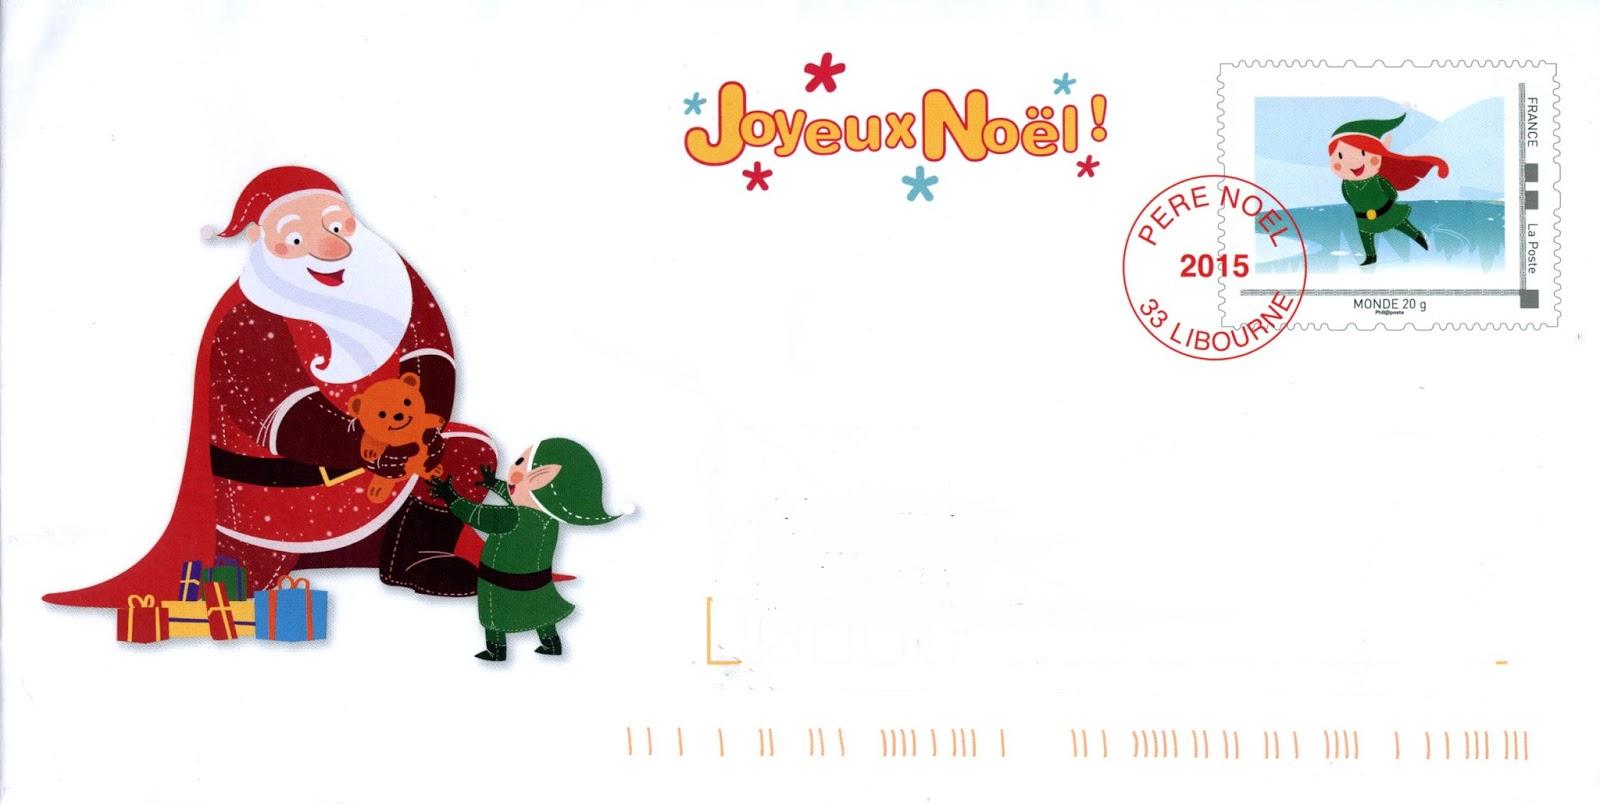 Blog Philatélie Cartophilie De Michel: Le Père Noël 2015 encequiconcerne Image De Pere Noel Gratuite A Imprimer